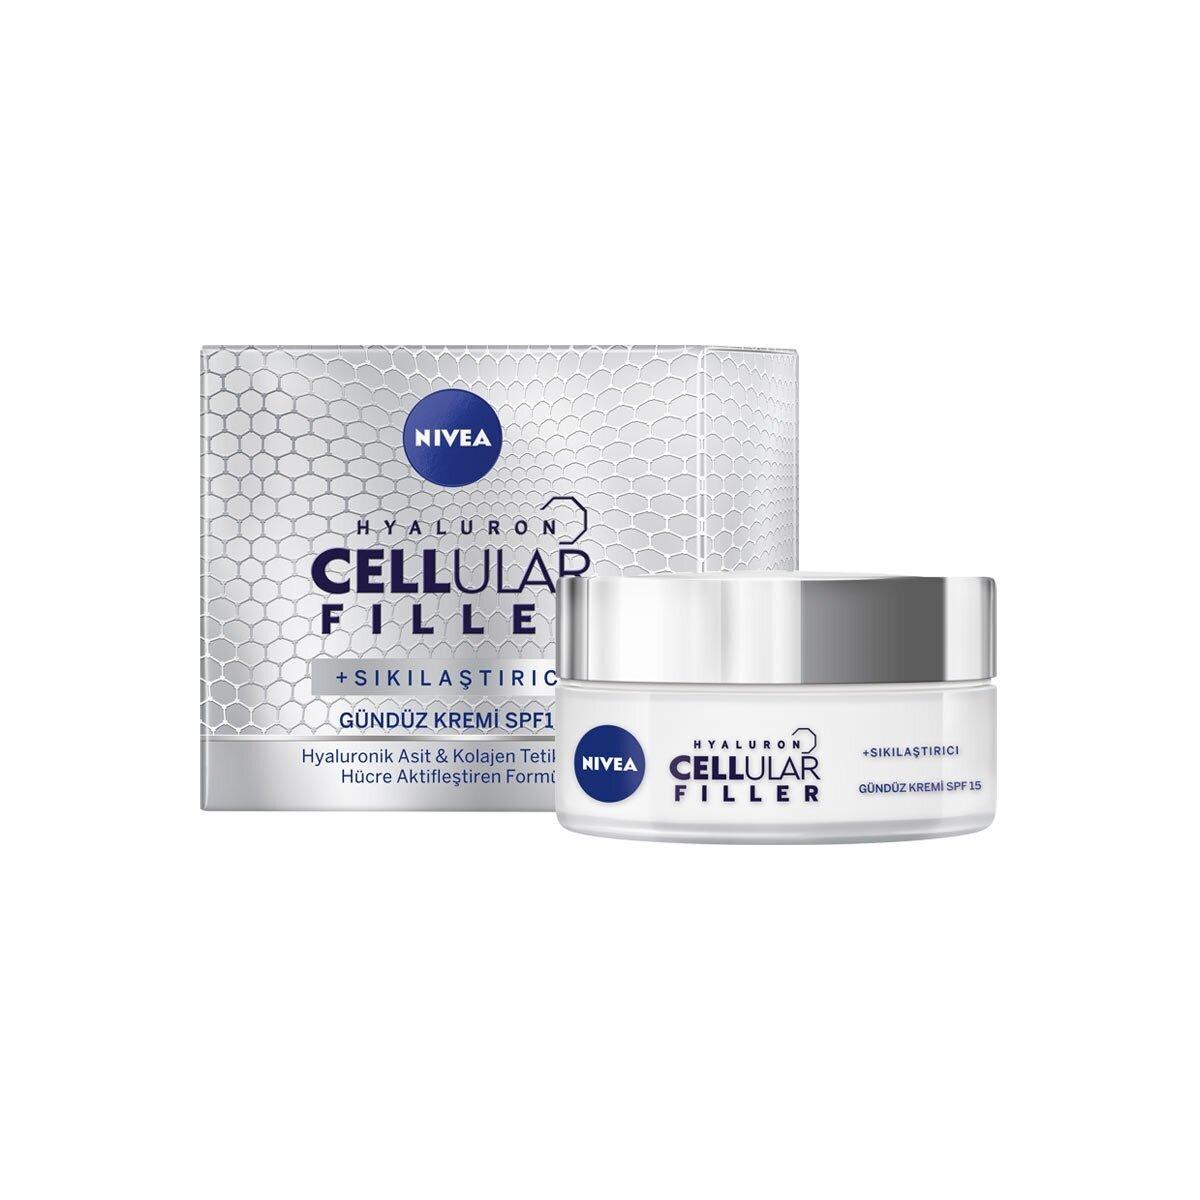 Cellular Antiage Gündüz Kremi Spf15 50 ml